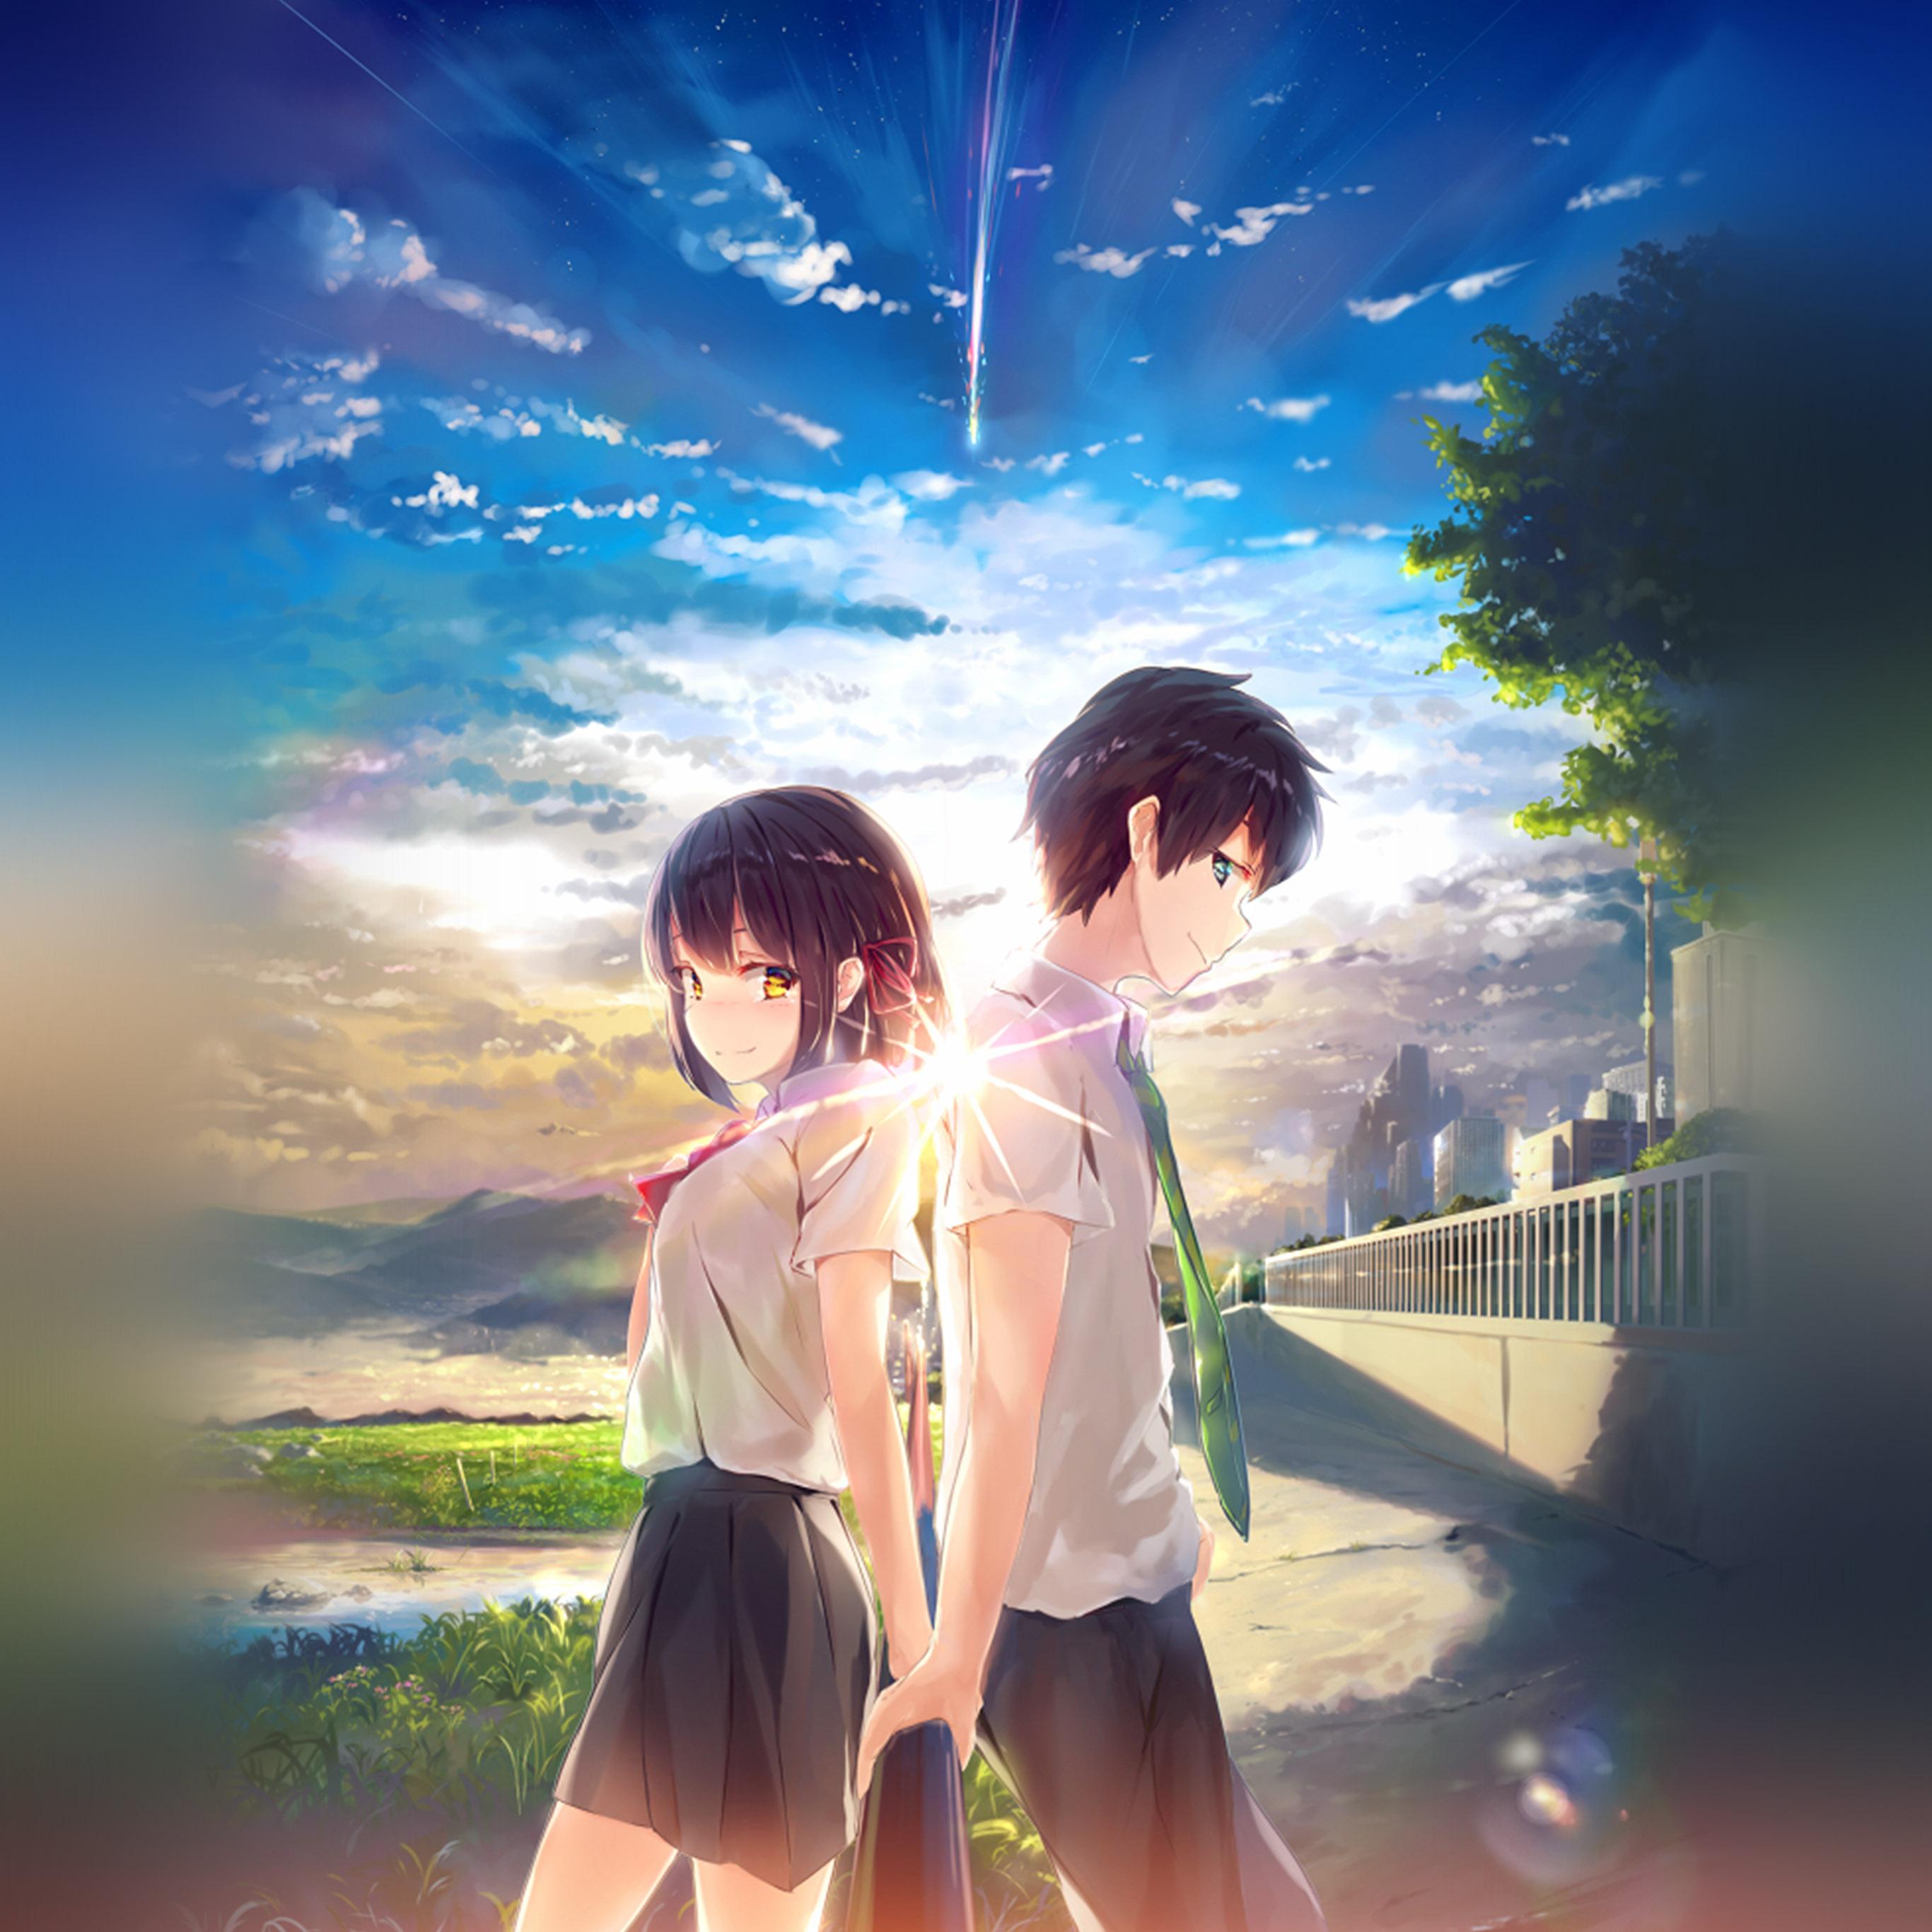 az03-anime-yourname-sky-illustration-art-wallpaper